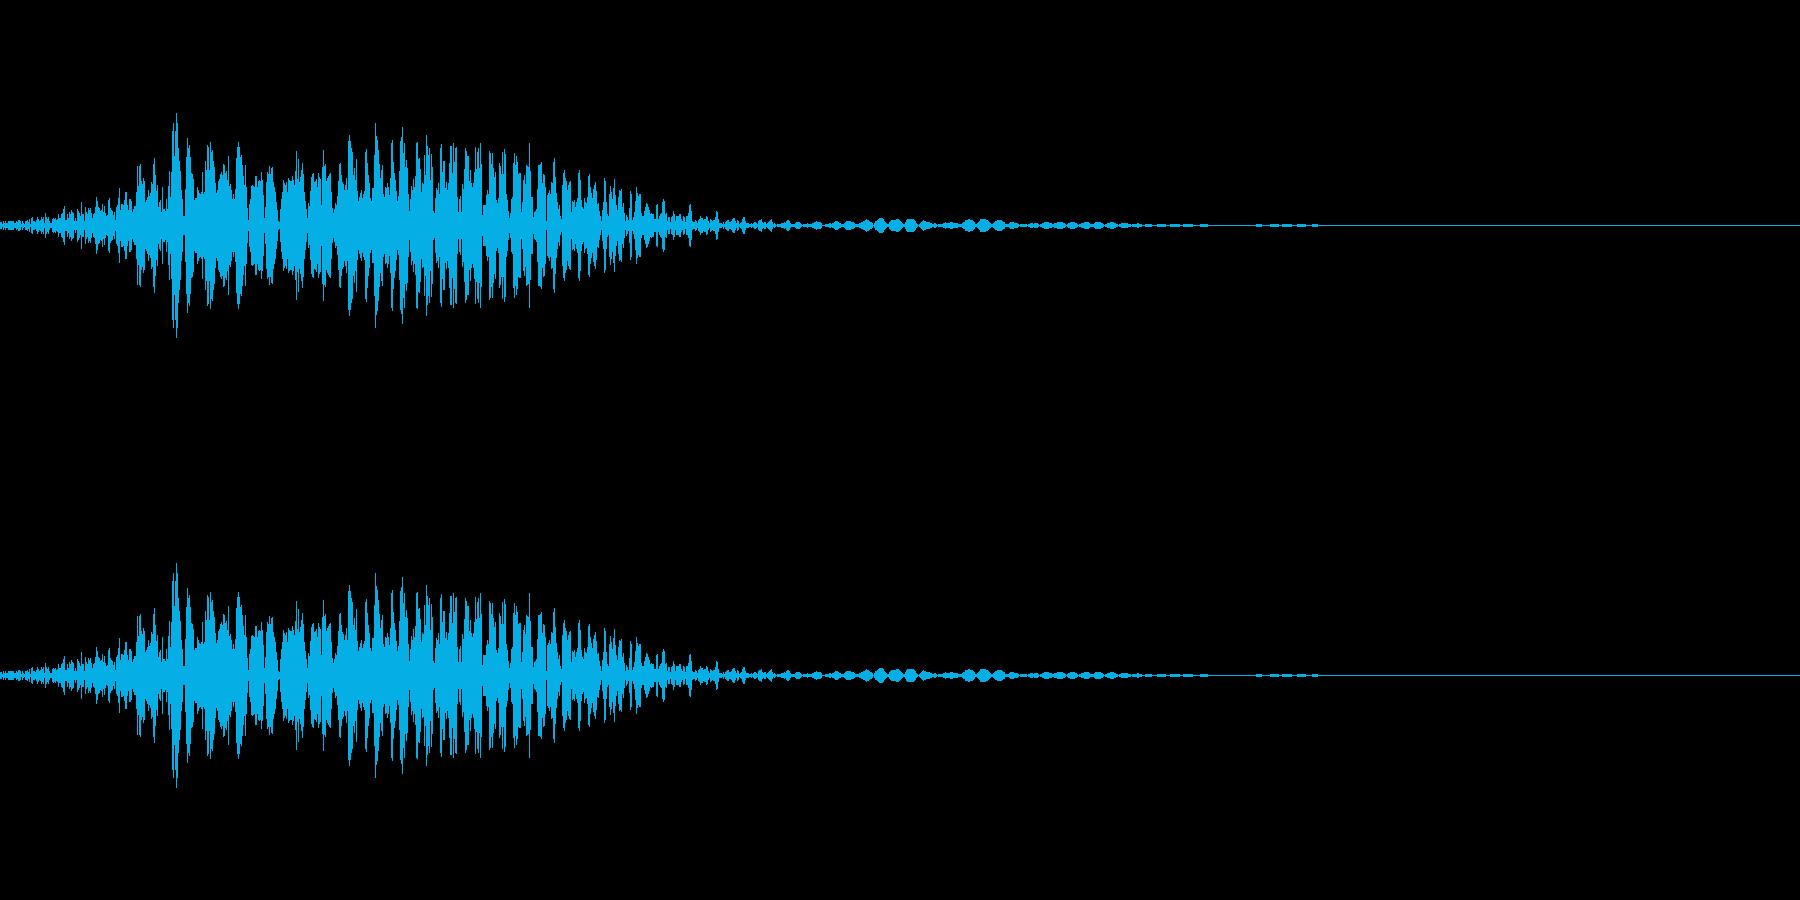 ふっ!!(剣を振るなどの気合の声)の再生済みの波形